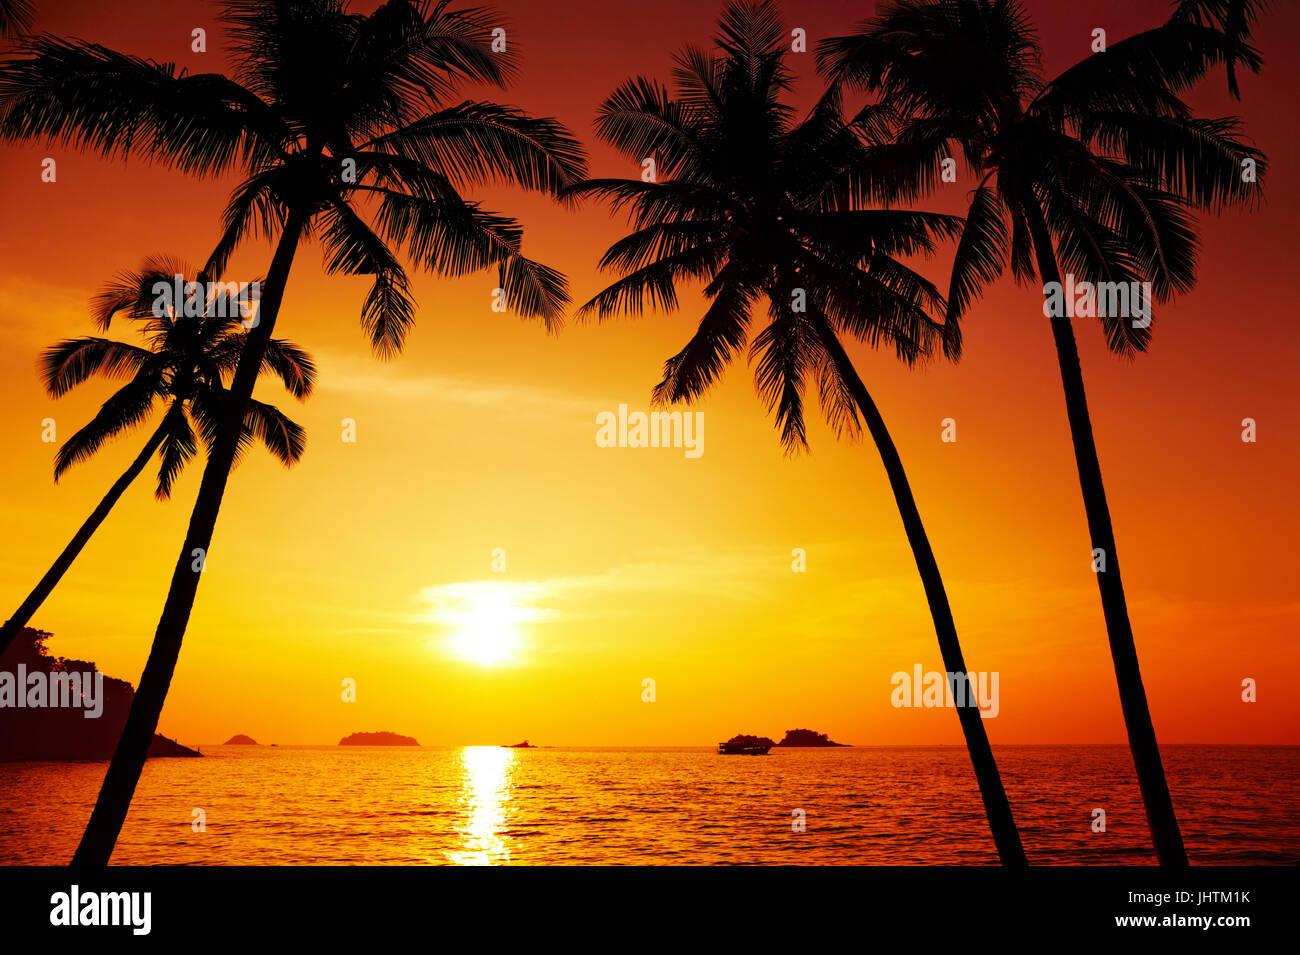 Palm-Bäume-Silhouette bei Sonnenuntergang, Insel Chang, Thailand Stockbild